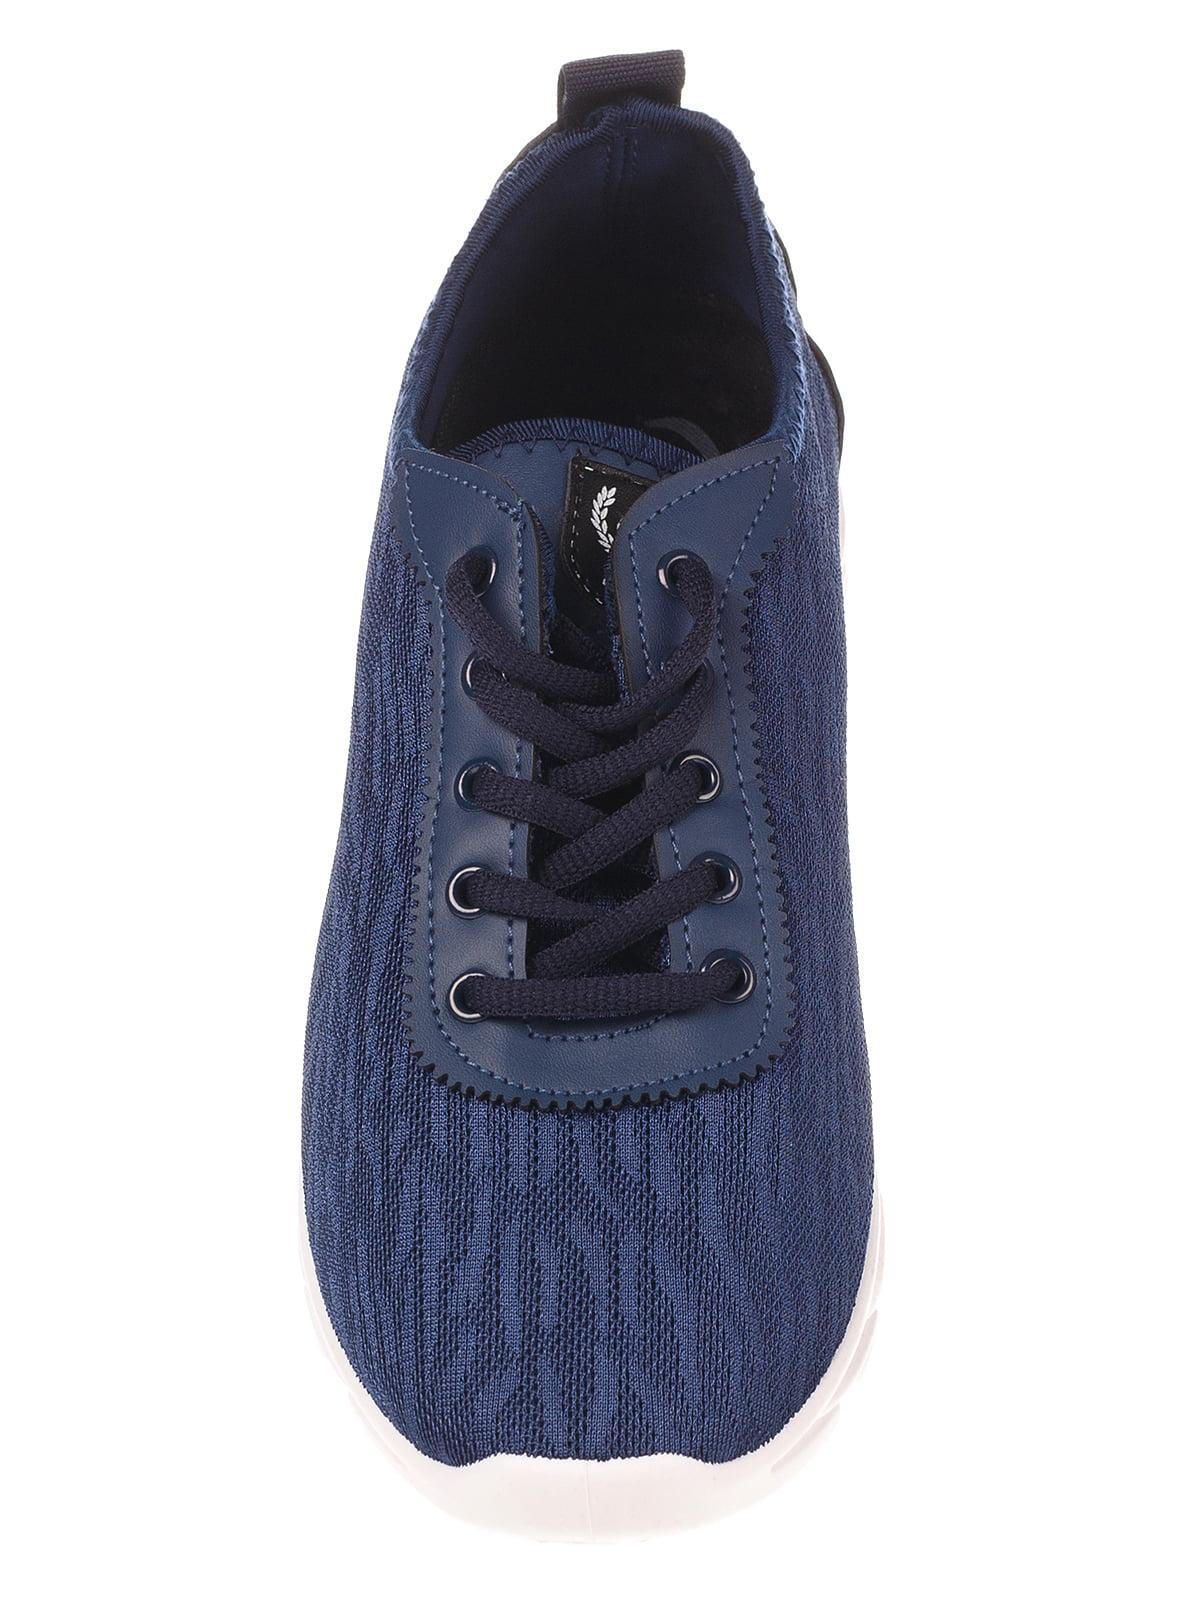 Кроссовки синие | 4341134 | фото 5